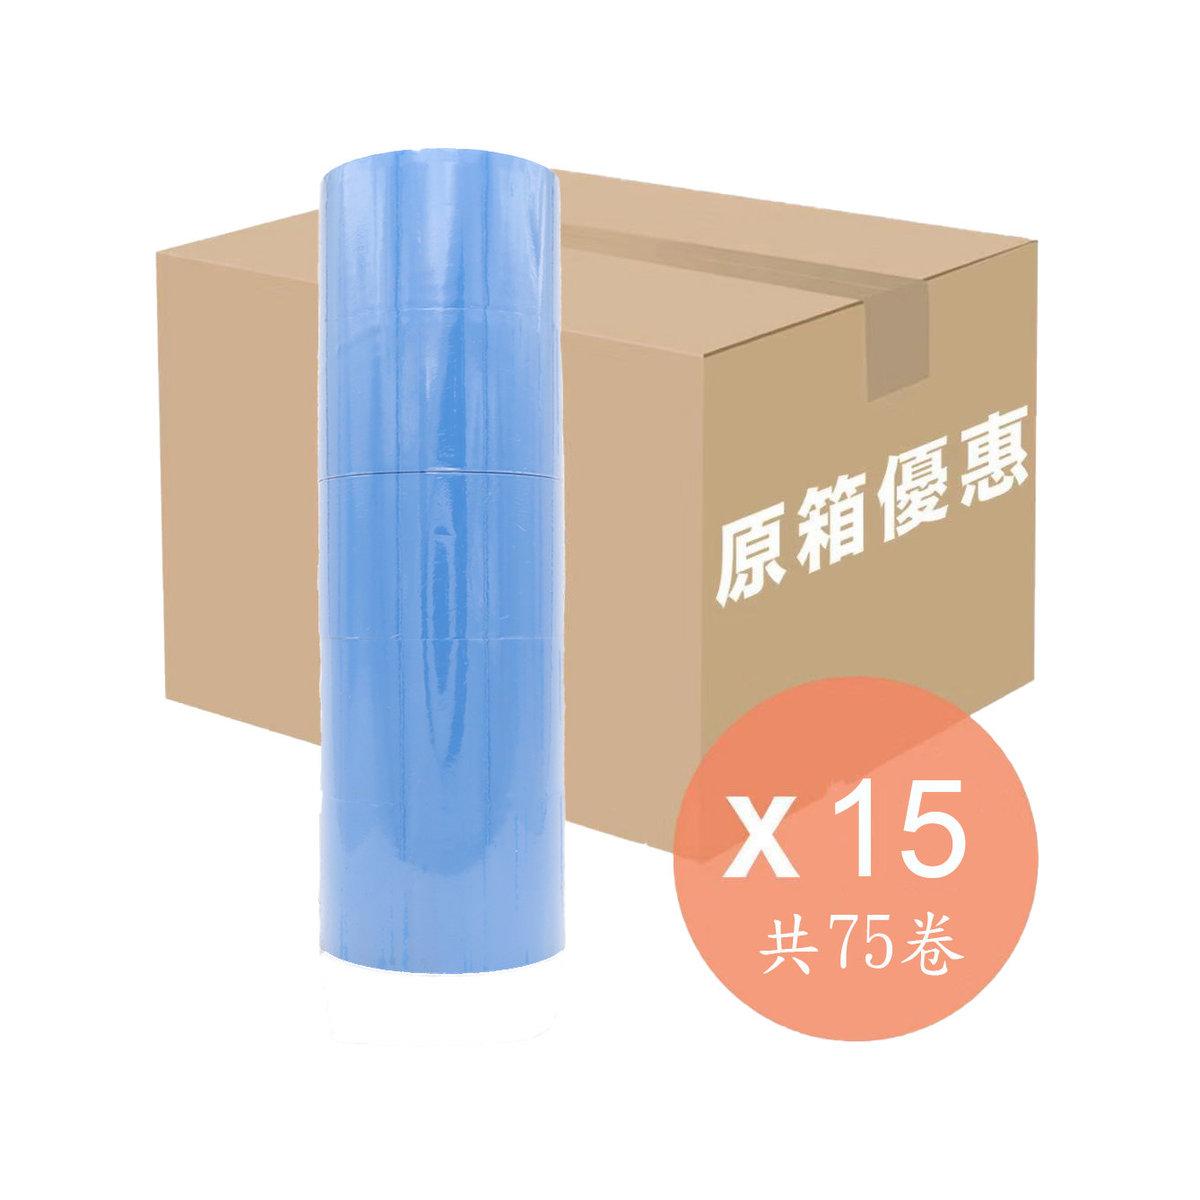 封箱膠紙-淺藍色(60mmx40M)(滿足大型網店要求) (原箱75卷裝)